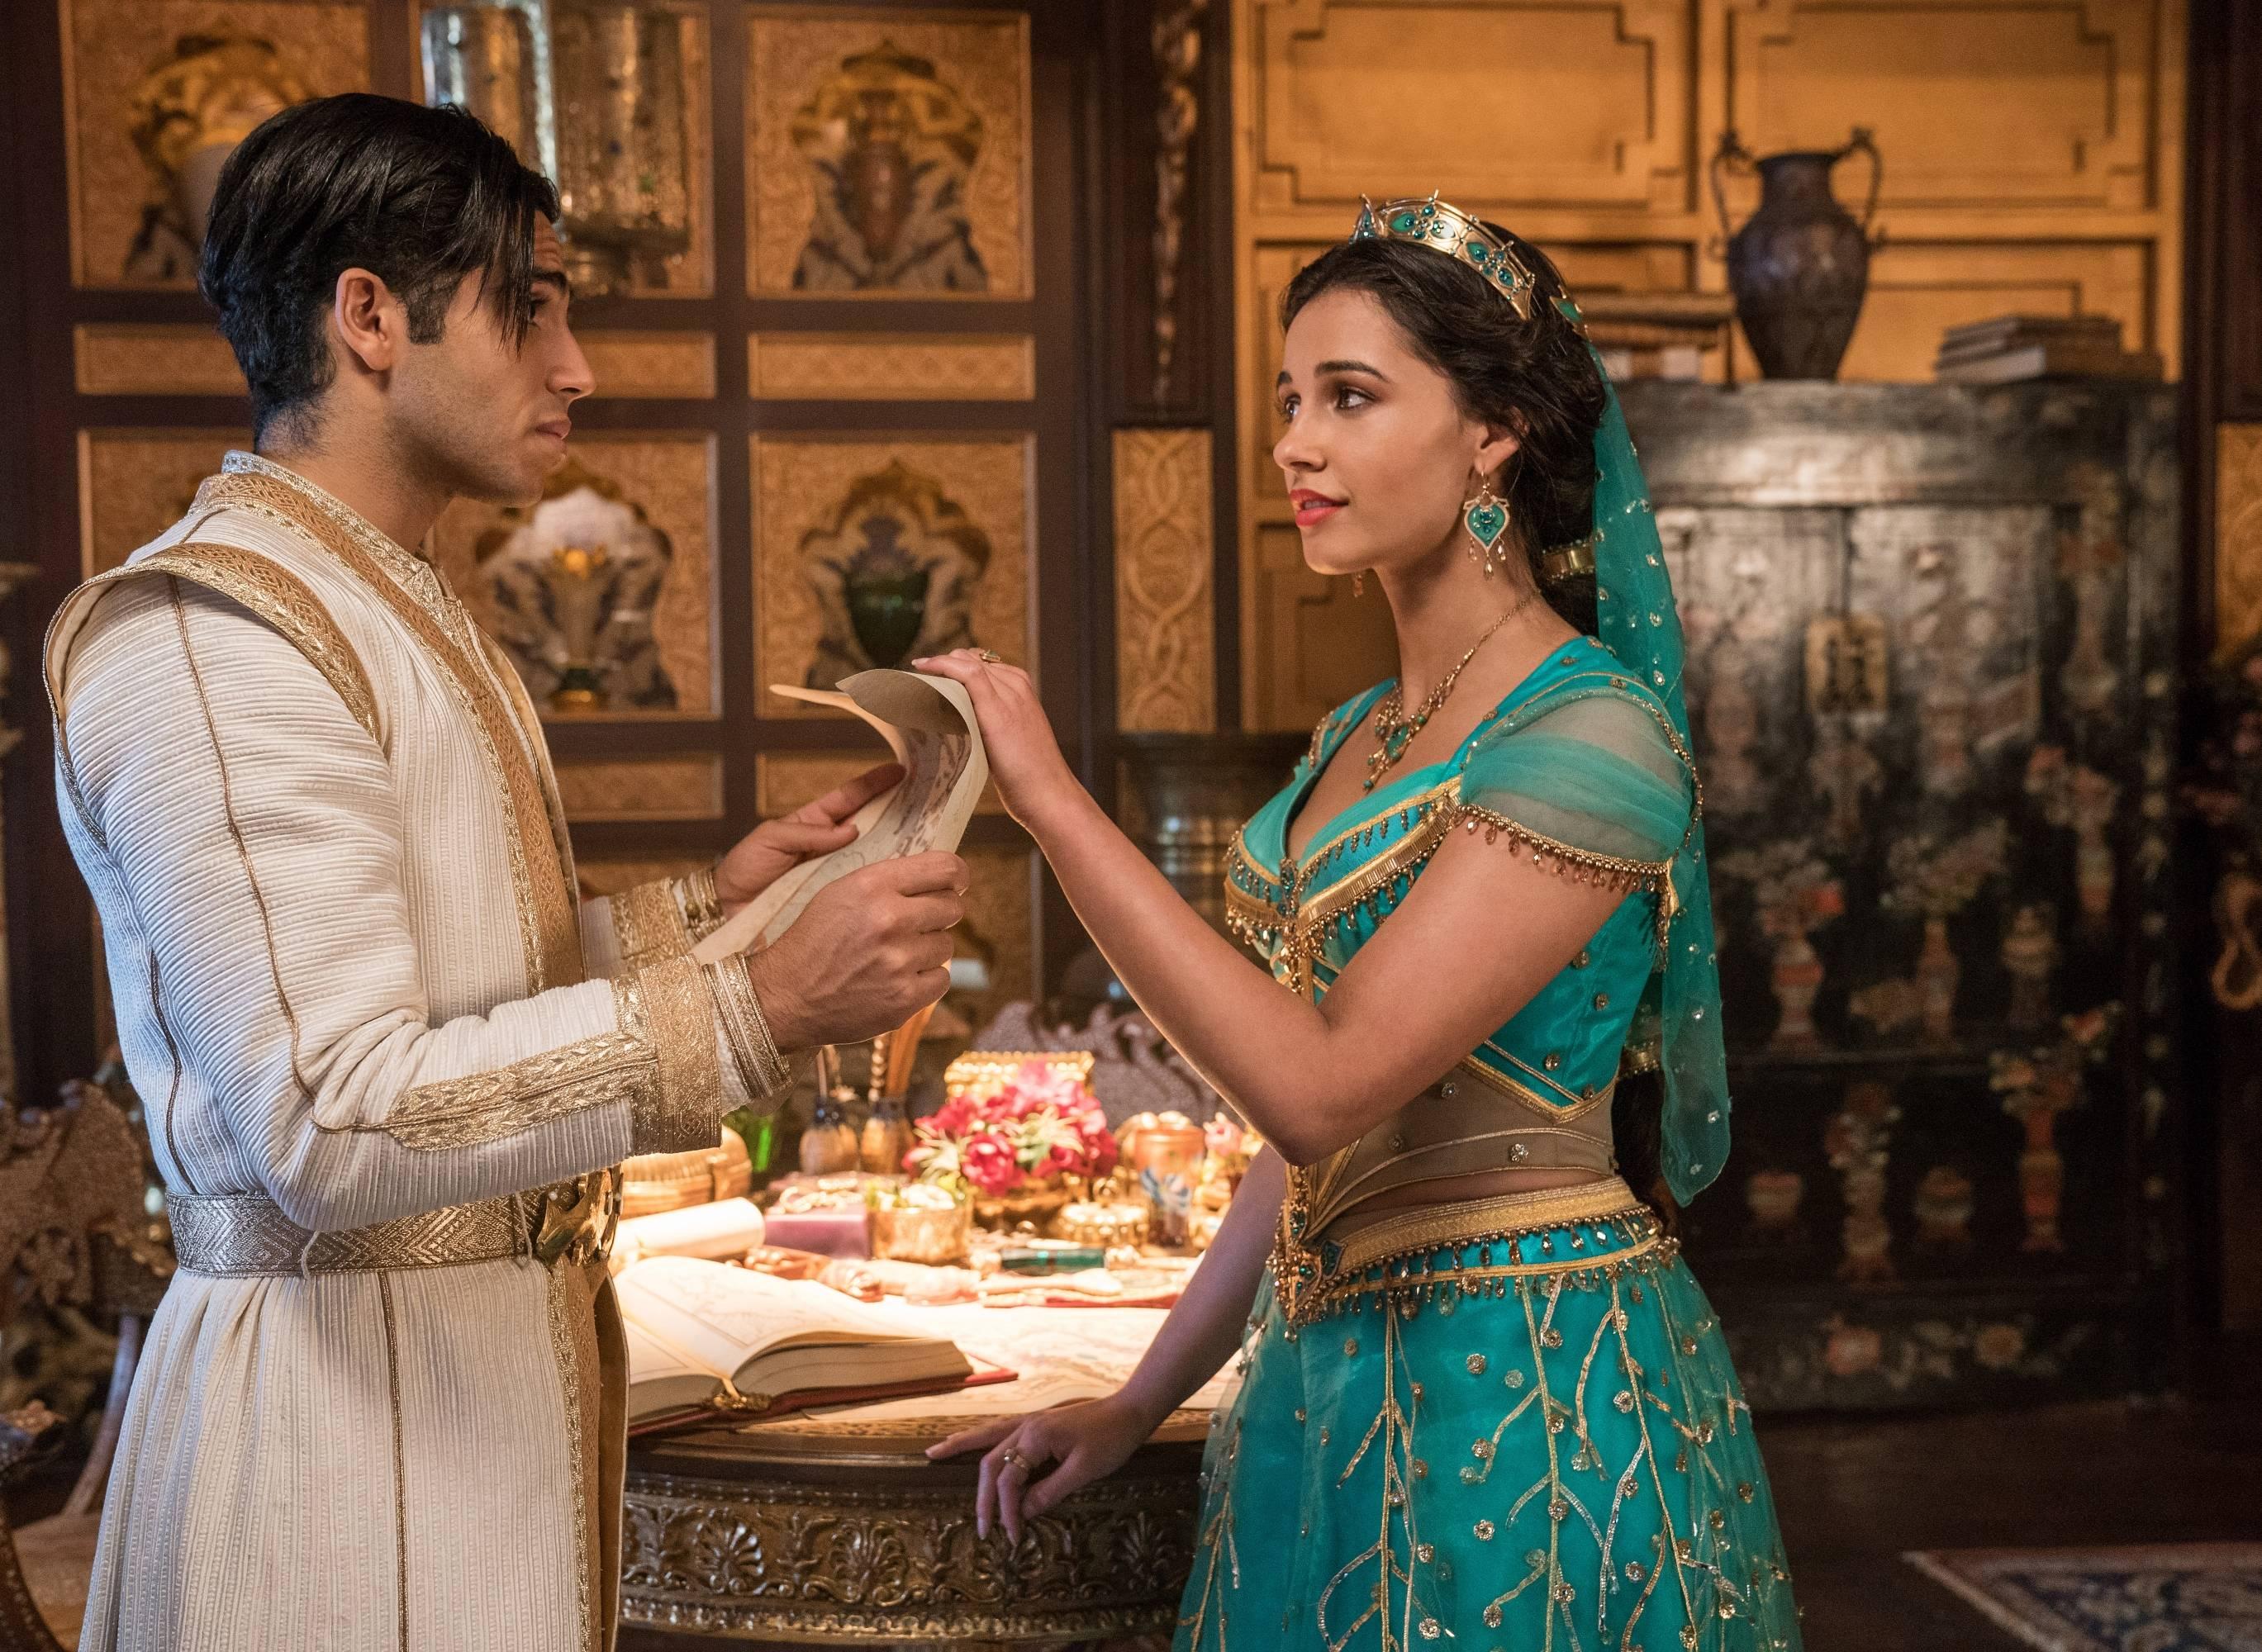 Aladdin Los Impresionantes Vestidos De La Princesa Jazmín